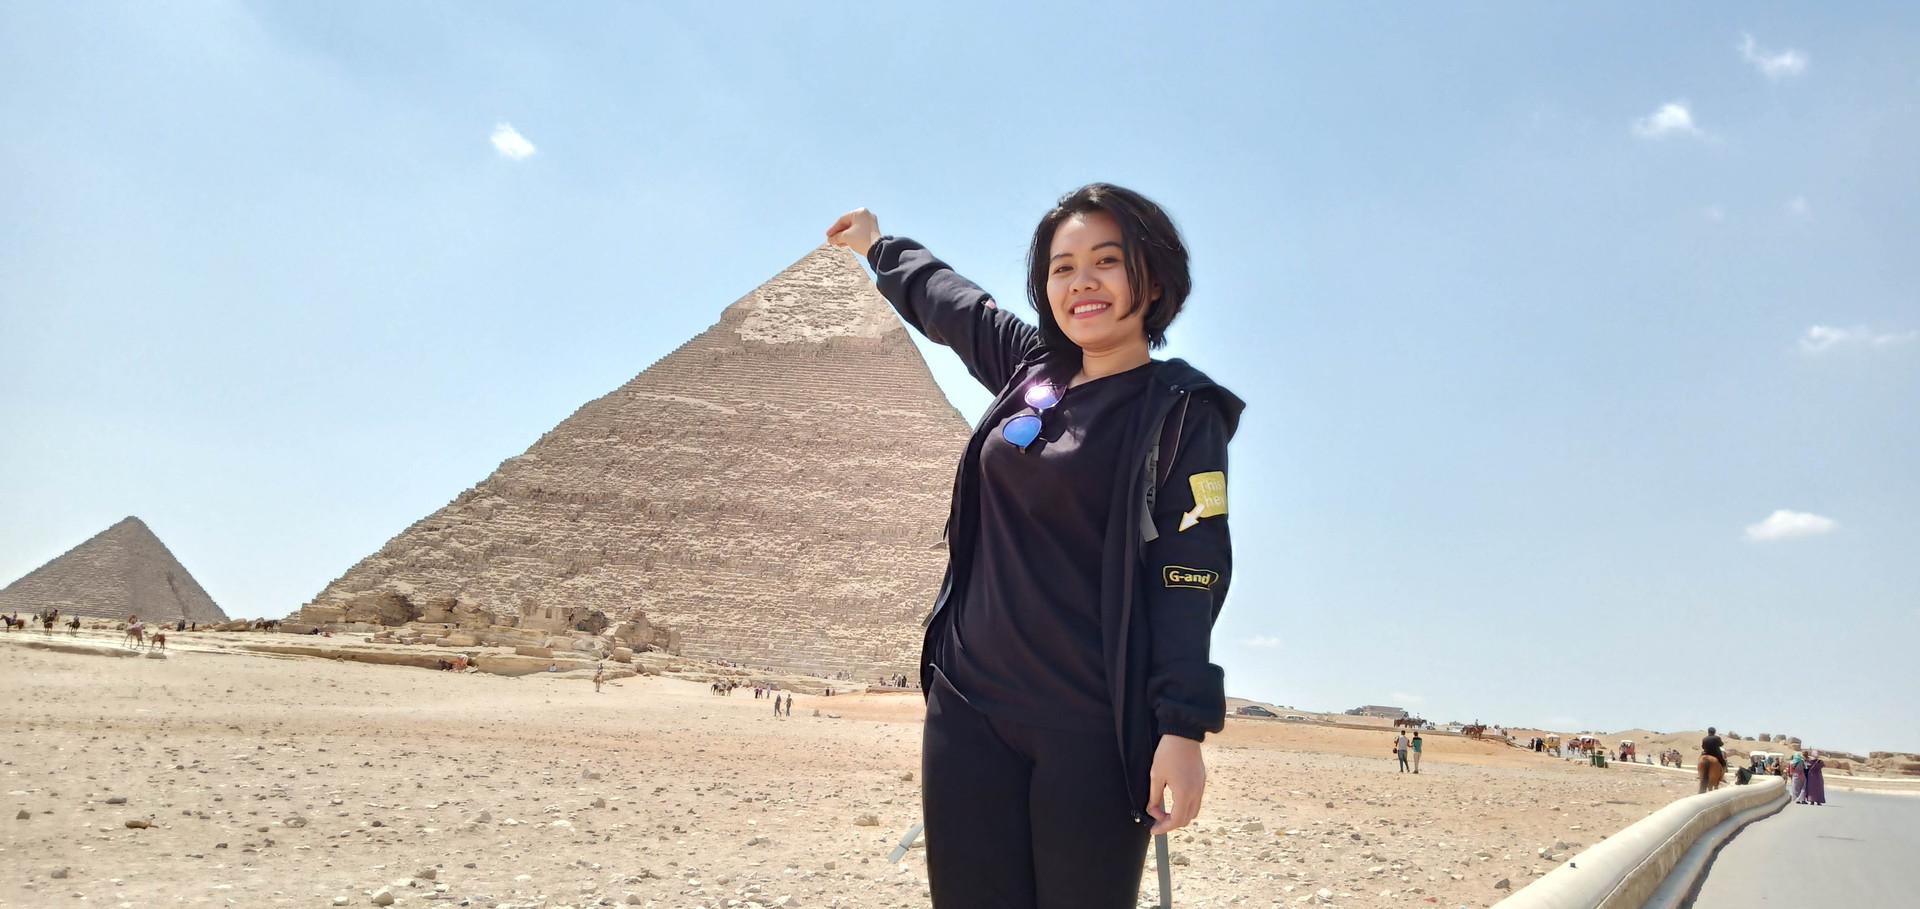 14 tháng du lịch 7 nước, cô gái Việt kể trải nghiệm cảm giác 'cận kề cái chết' - 2